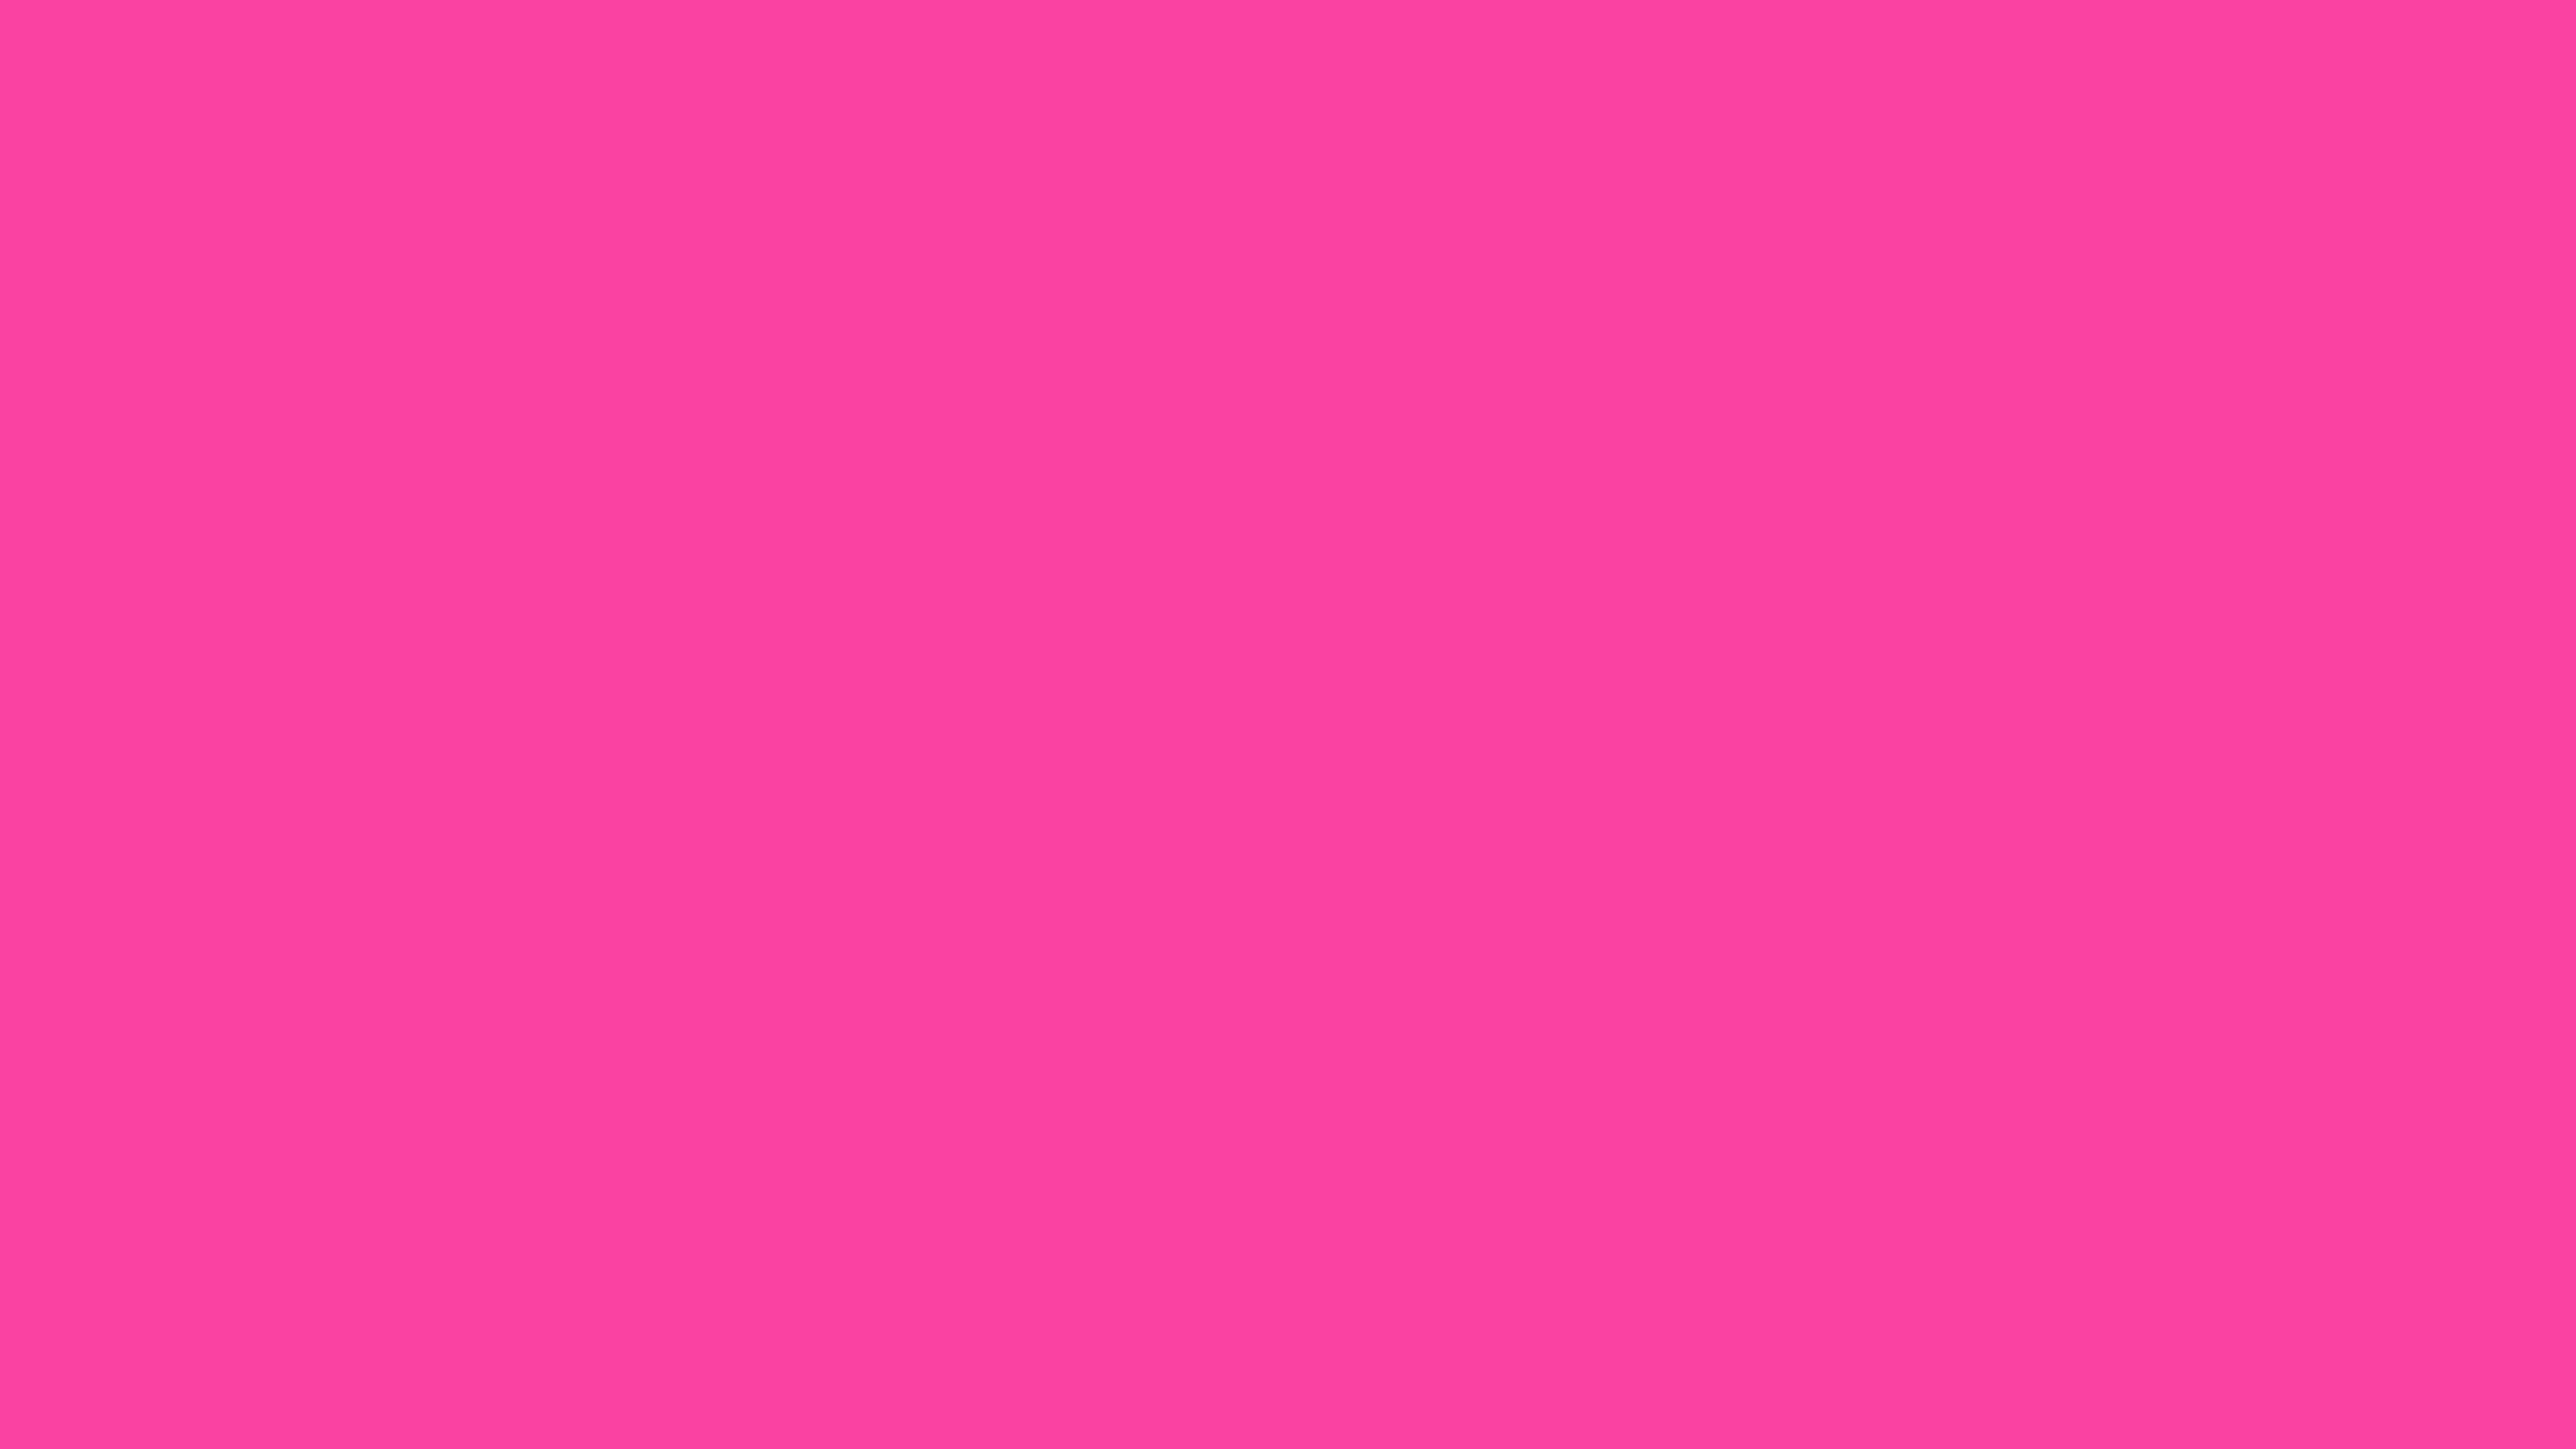 5120x2880 Rose Bonbon Solid Color Background